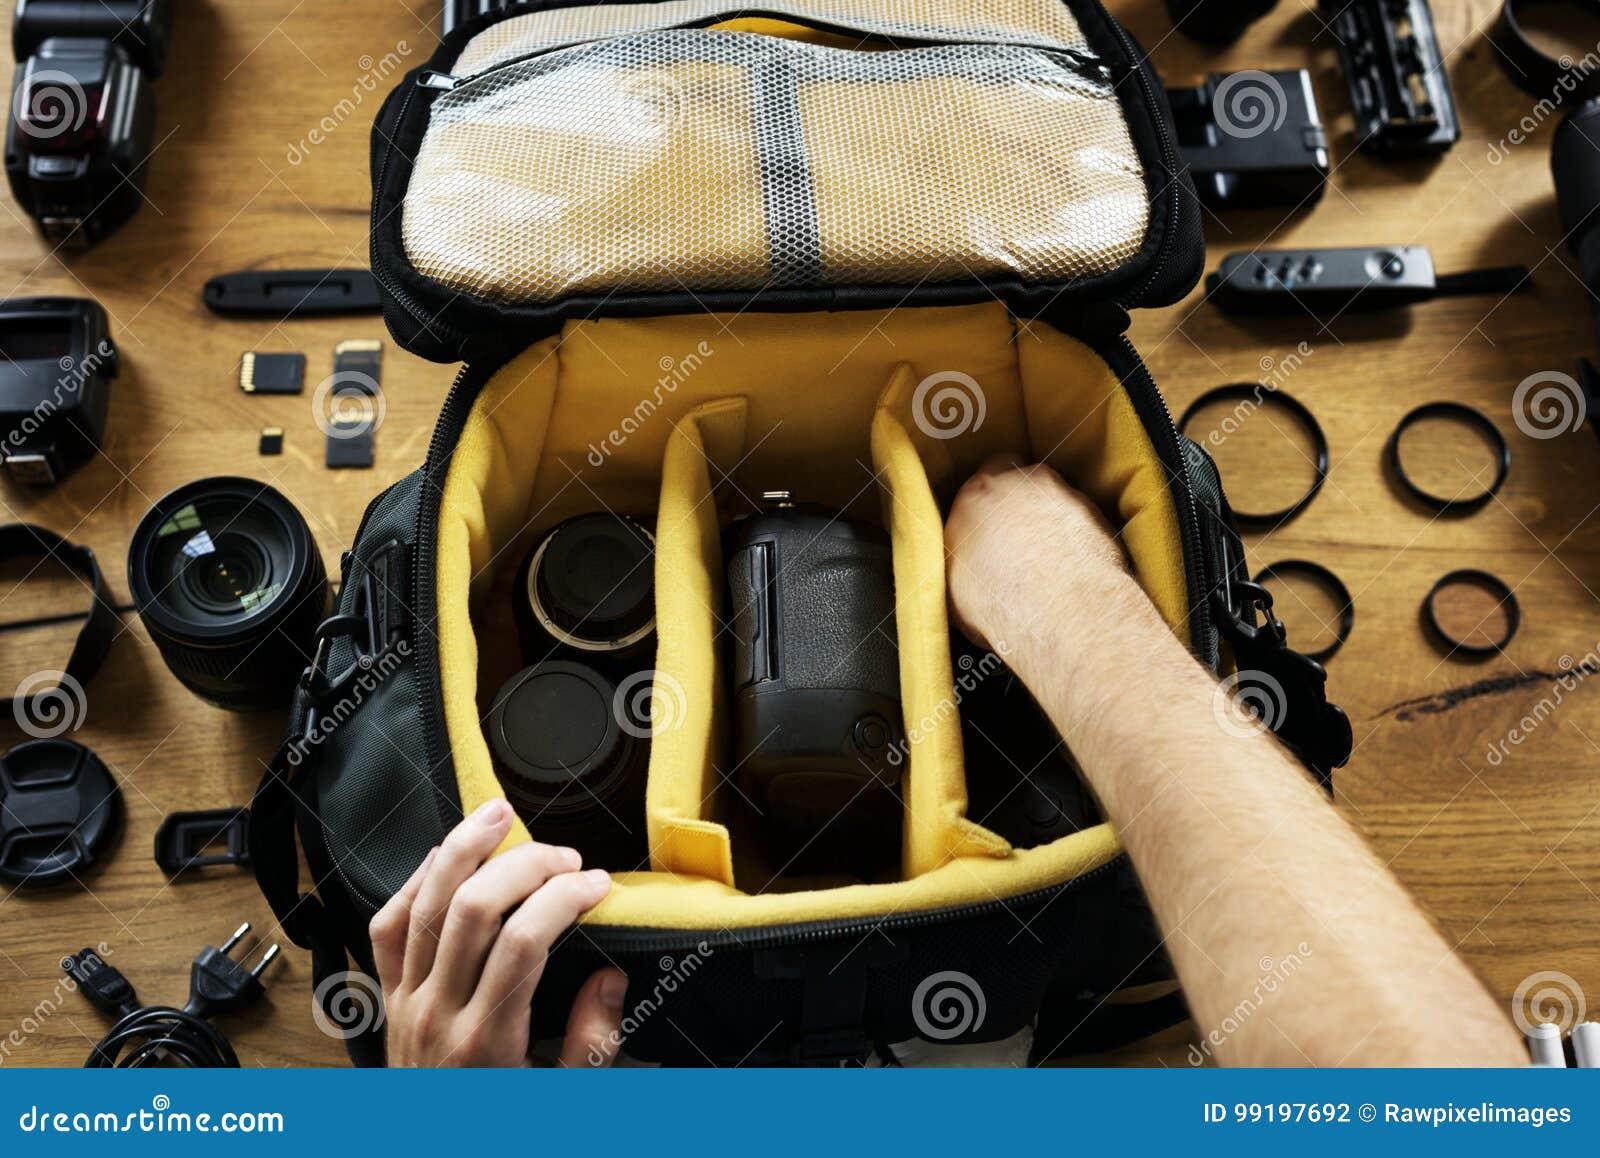 Les mains tenant une préparation de sac d appareil-photo ont mis un équipement dedans